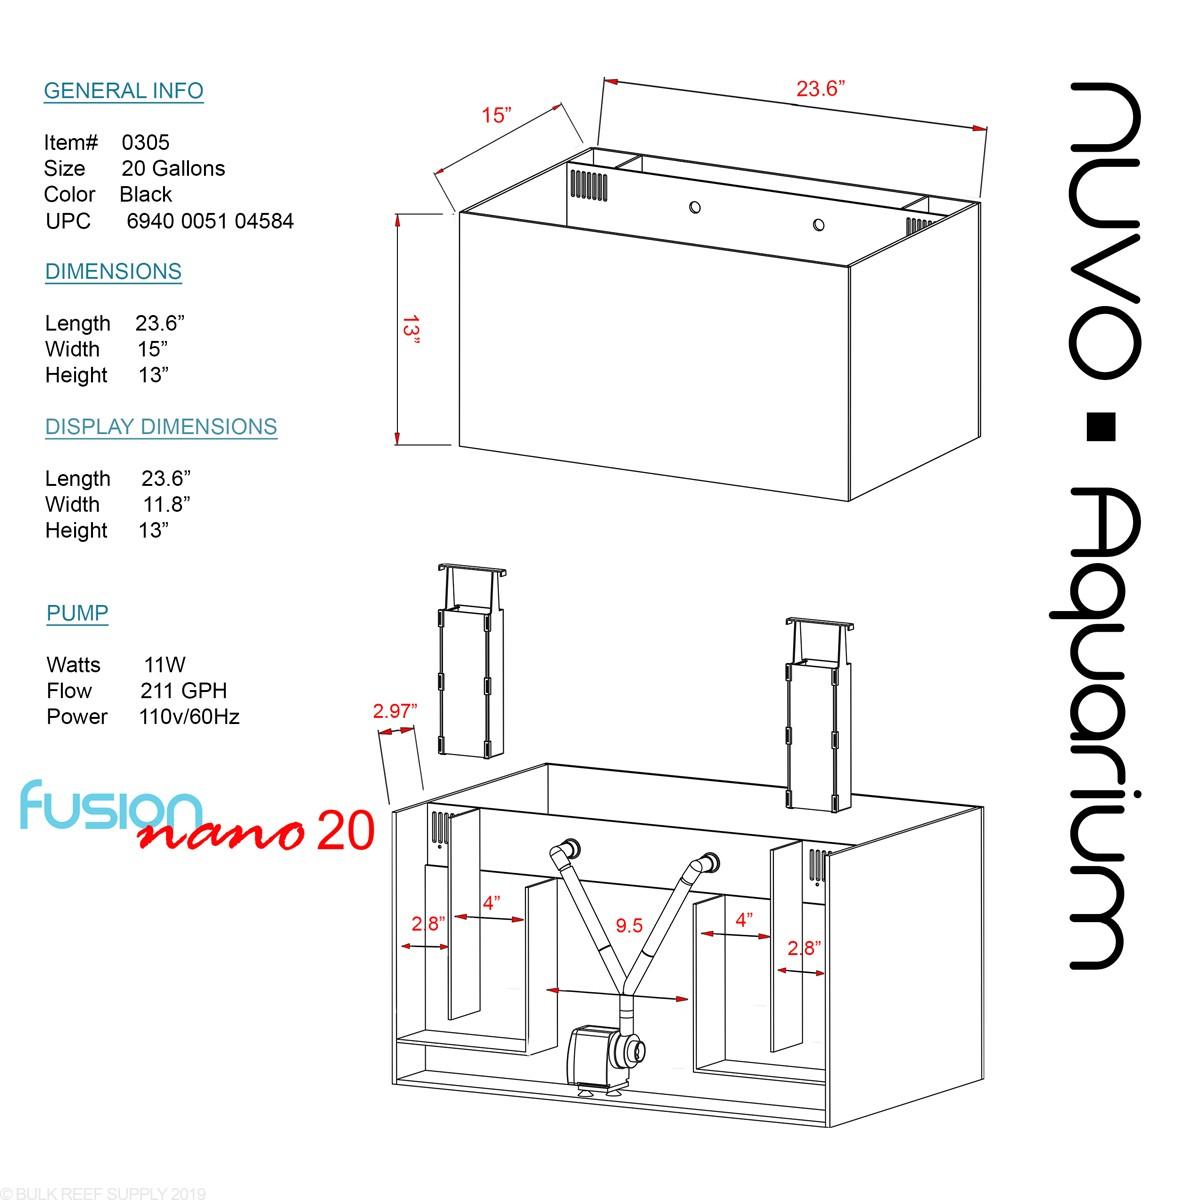 208930-innovativemarinenuvofusionnano20kit-k_2.jpg